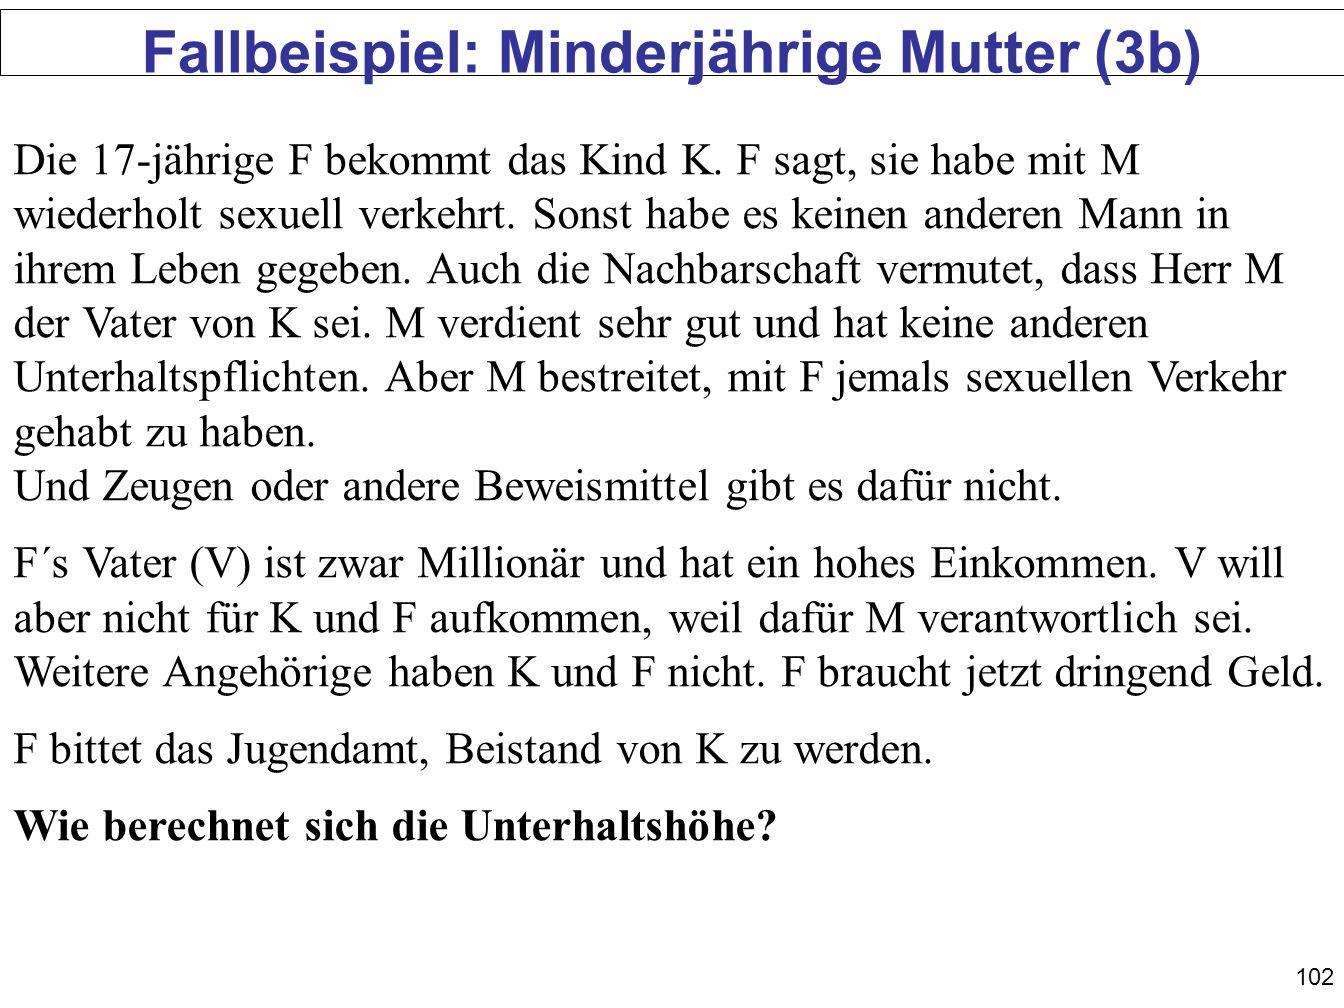 Fallbeispiel: Minderjährige Mutter (3b)